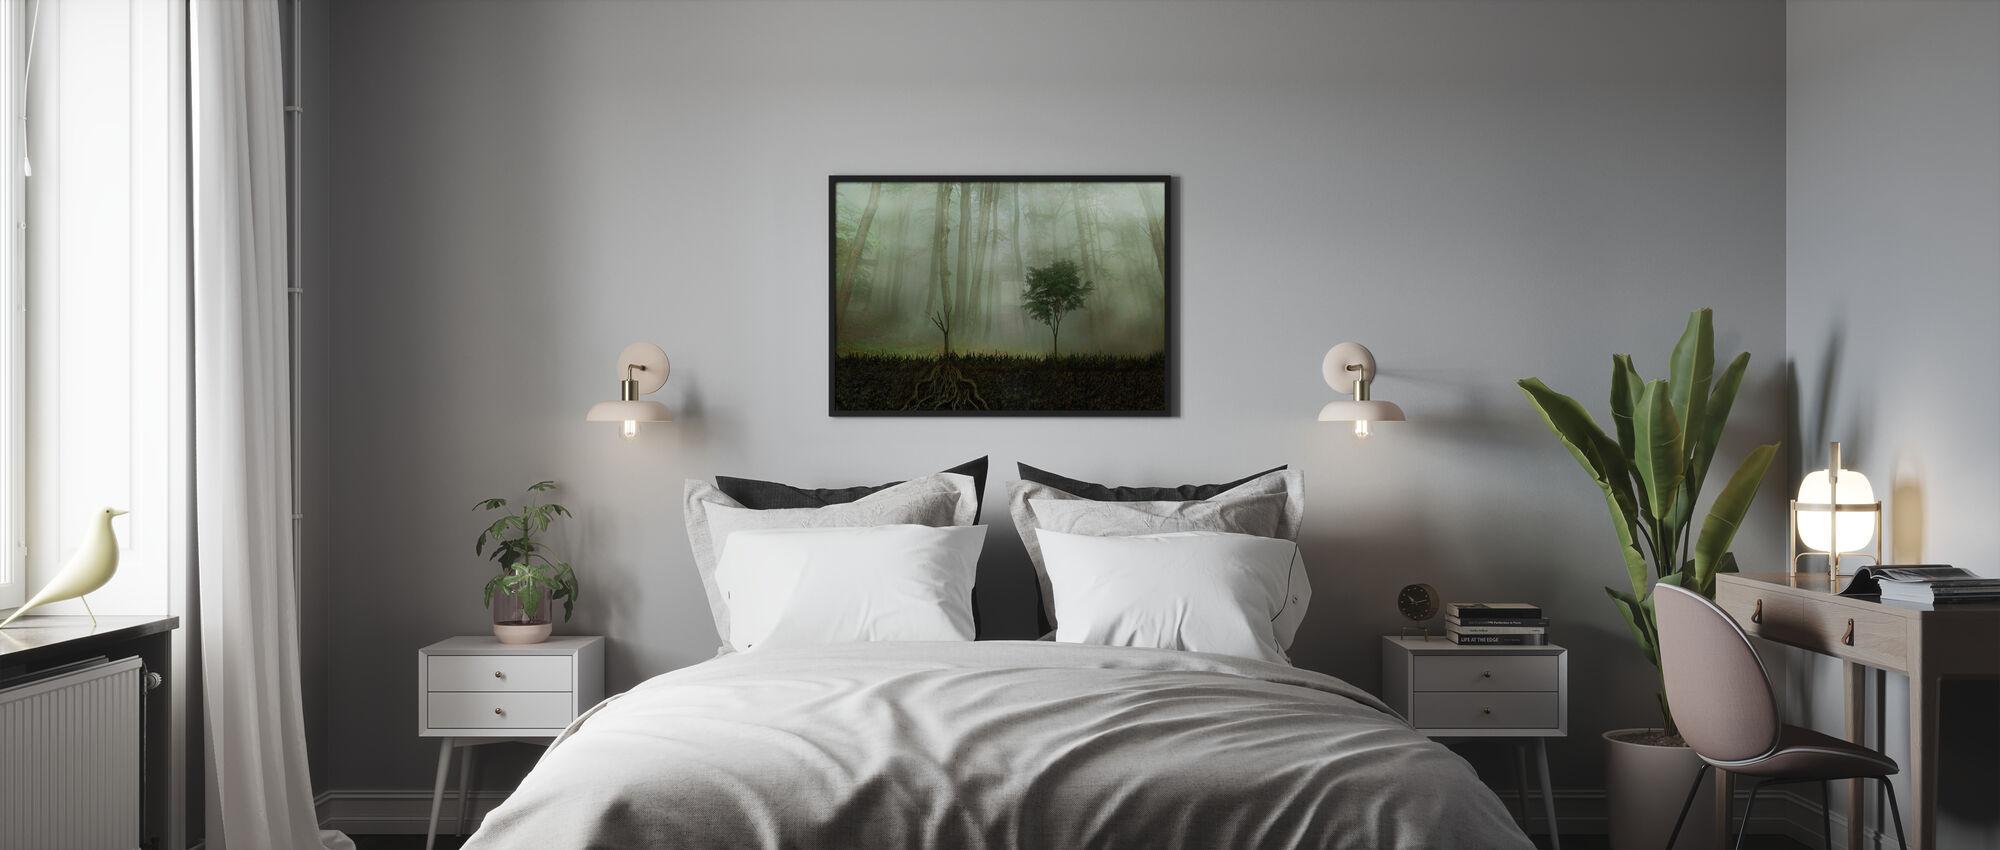 Root - Poster - Bedroom